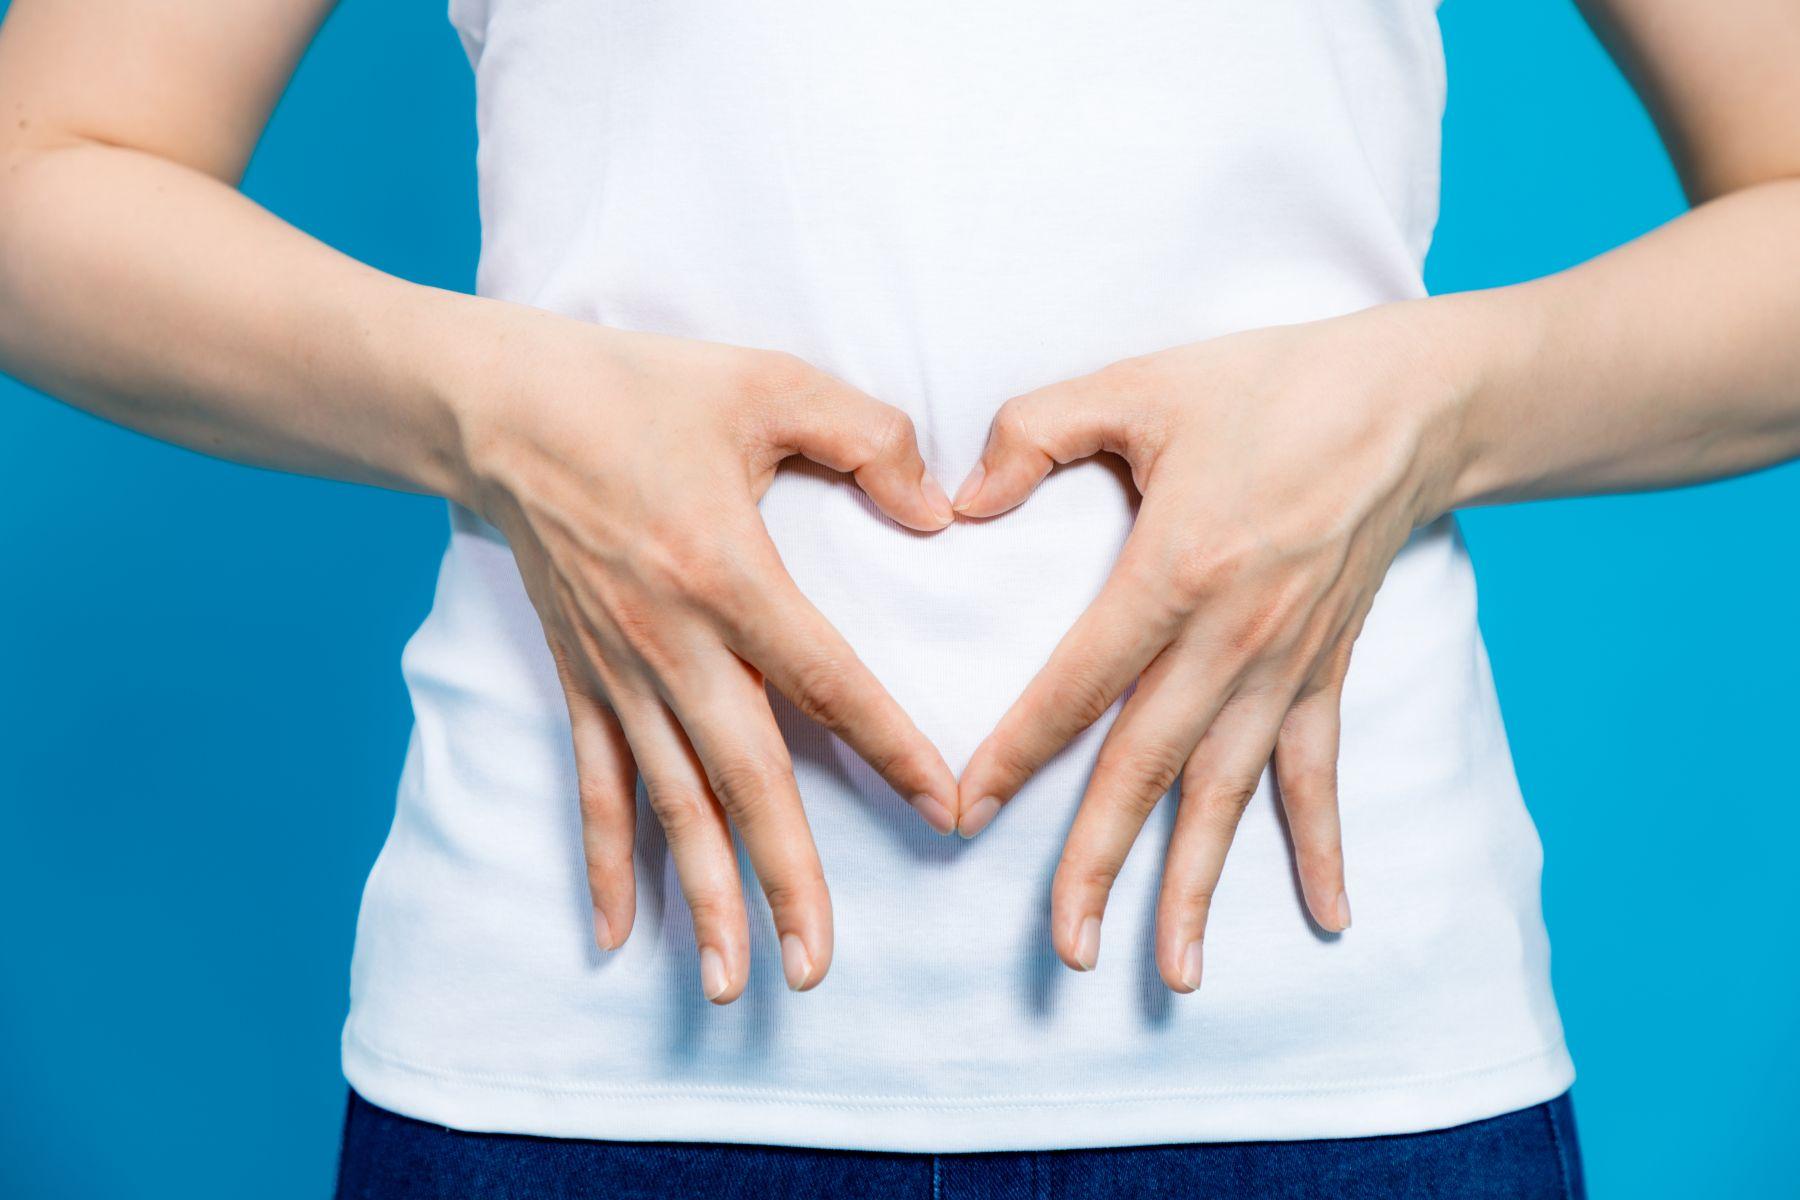 調節免疫、預防私密處感染 益生菌6大功效不可不知!